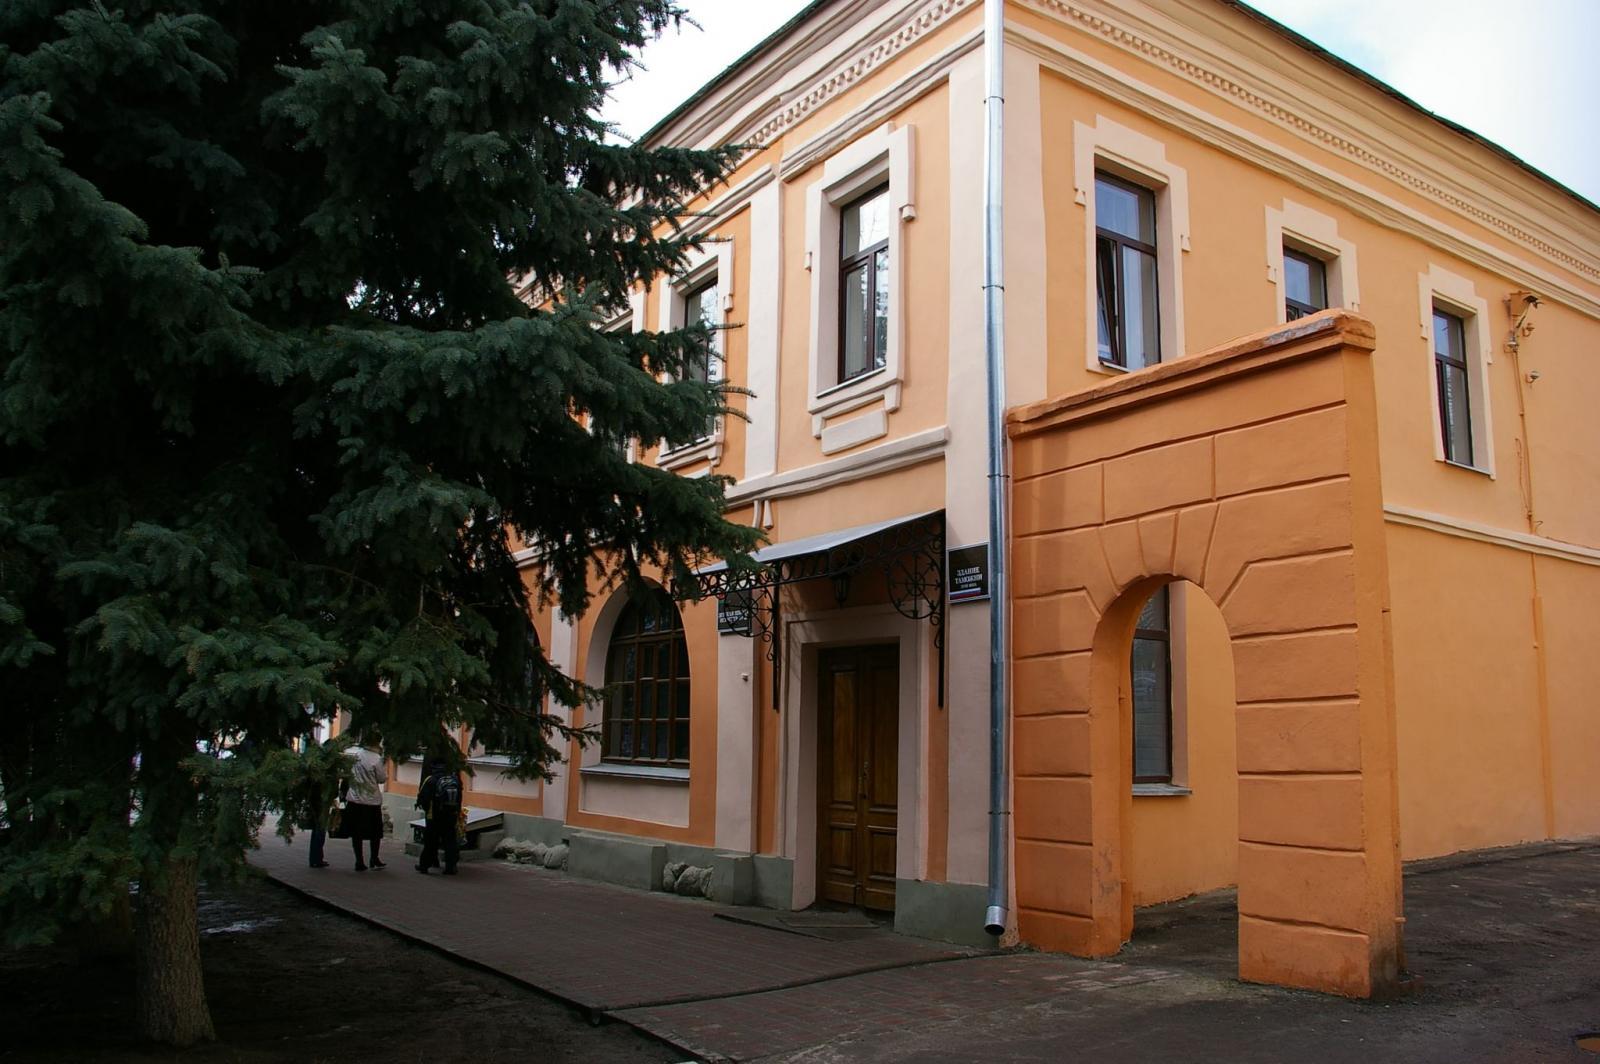 Брянские школа искусств №2 и библиотека №6 получили по 5 миллионов рублей